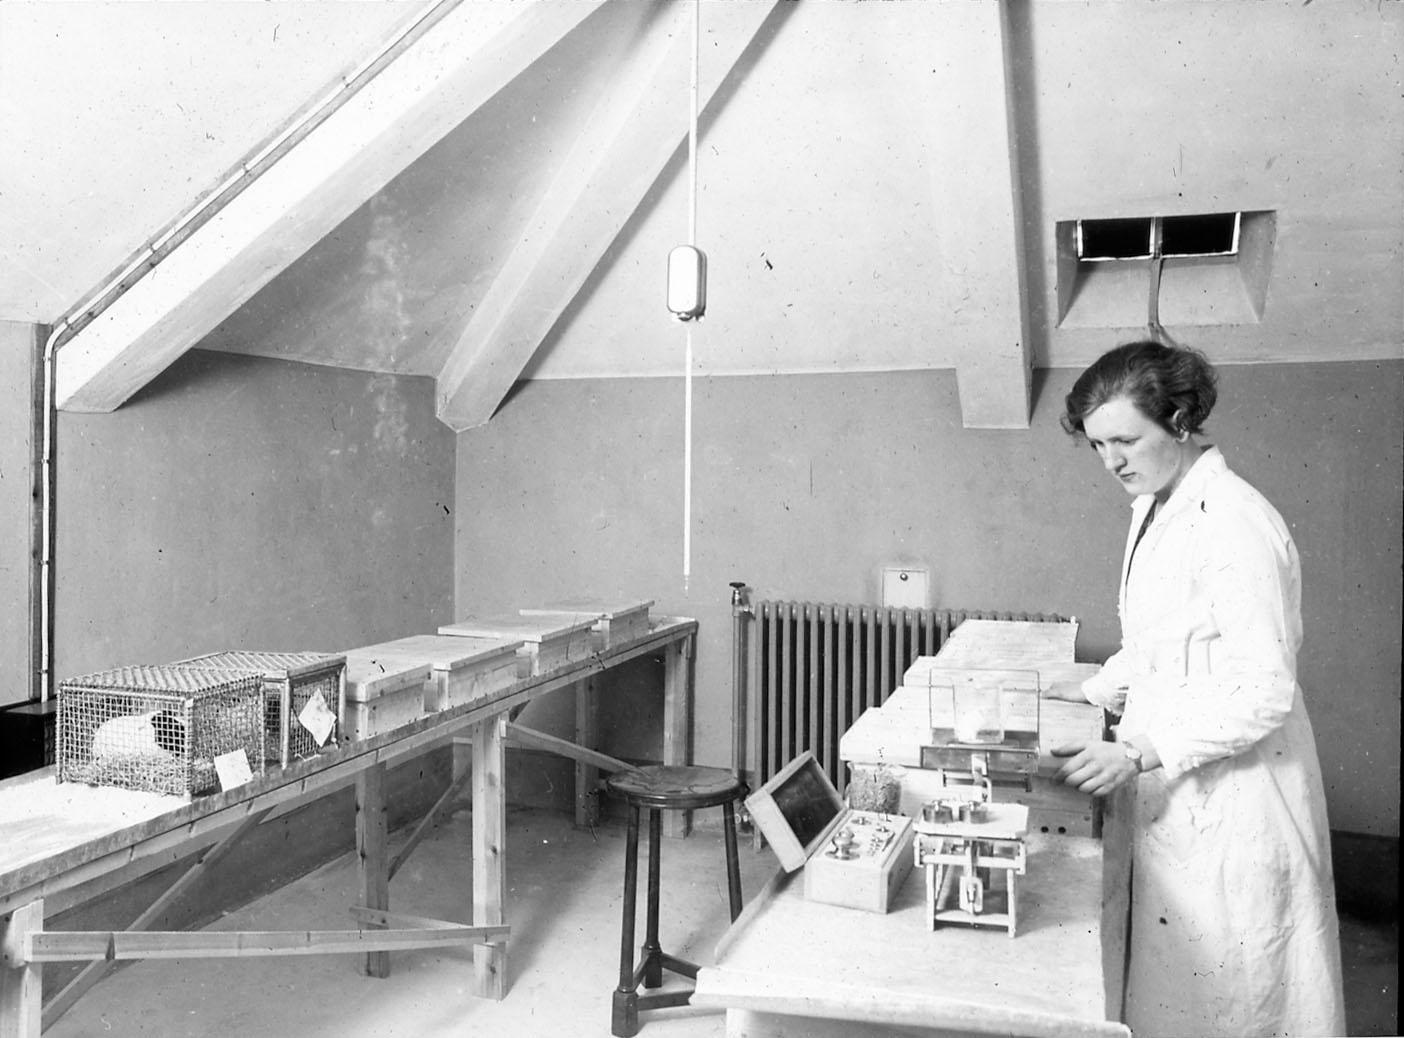 Hermetikklaboratoriet hadde egen bygning for forsøksdyr. Foto: MUST. Fotograf: ukjent.